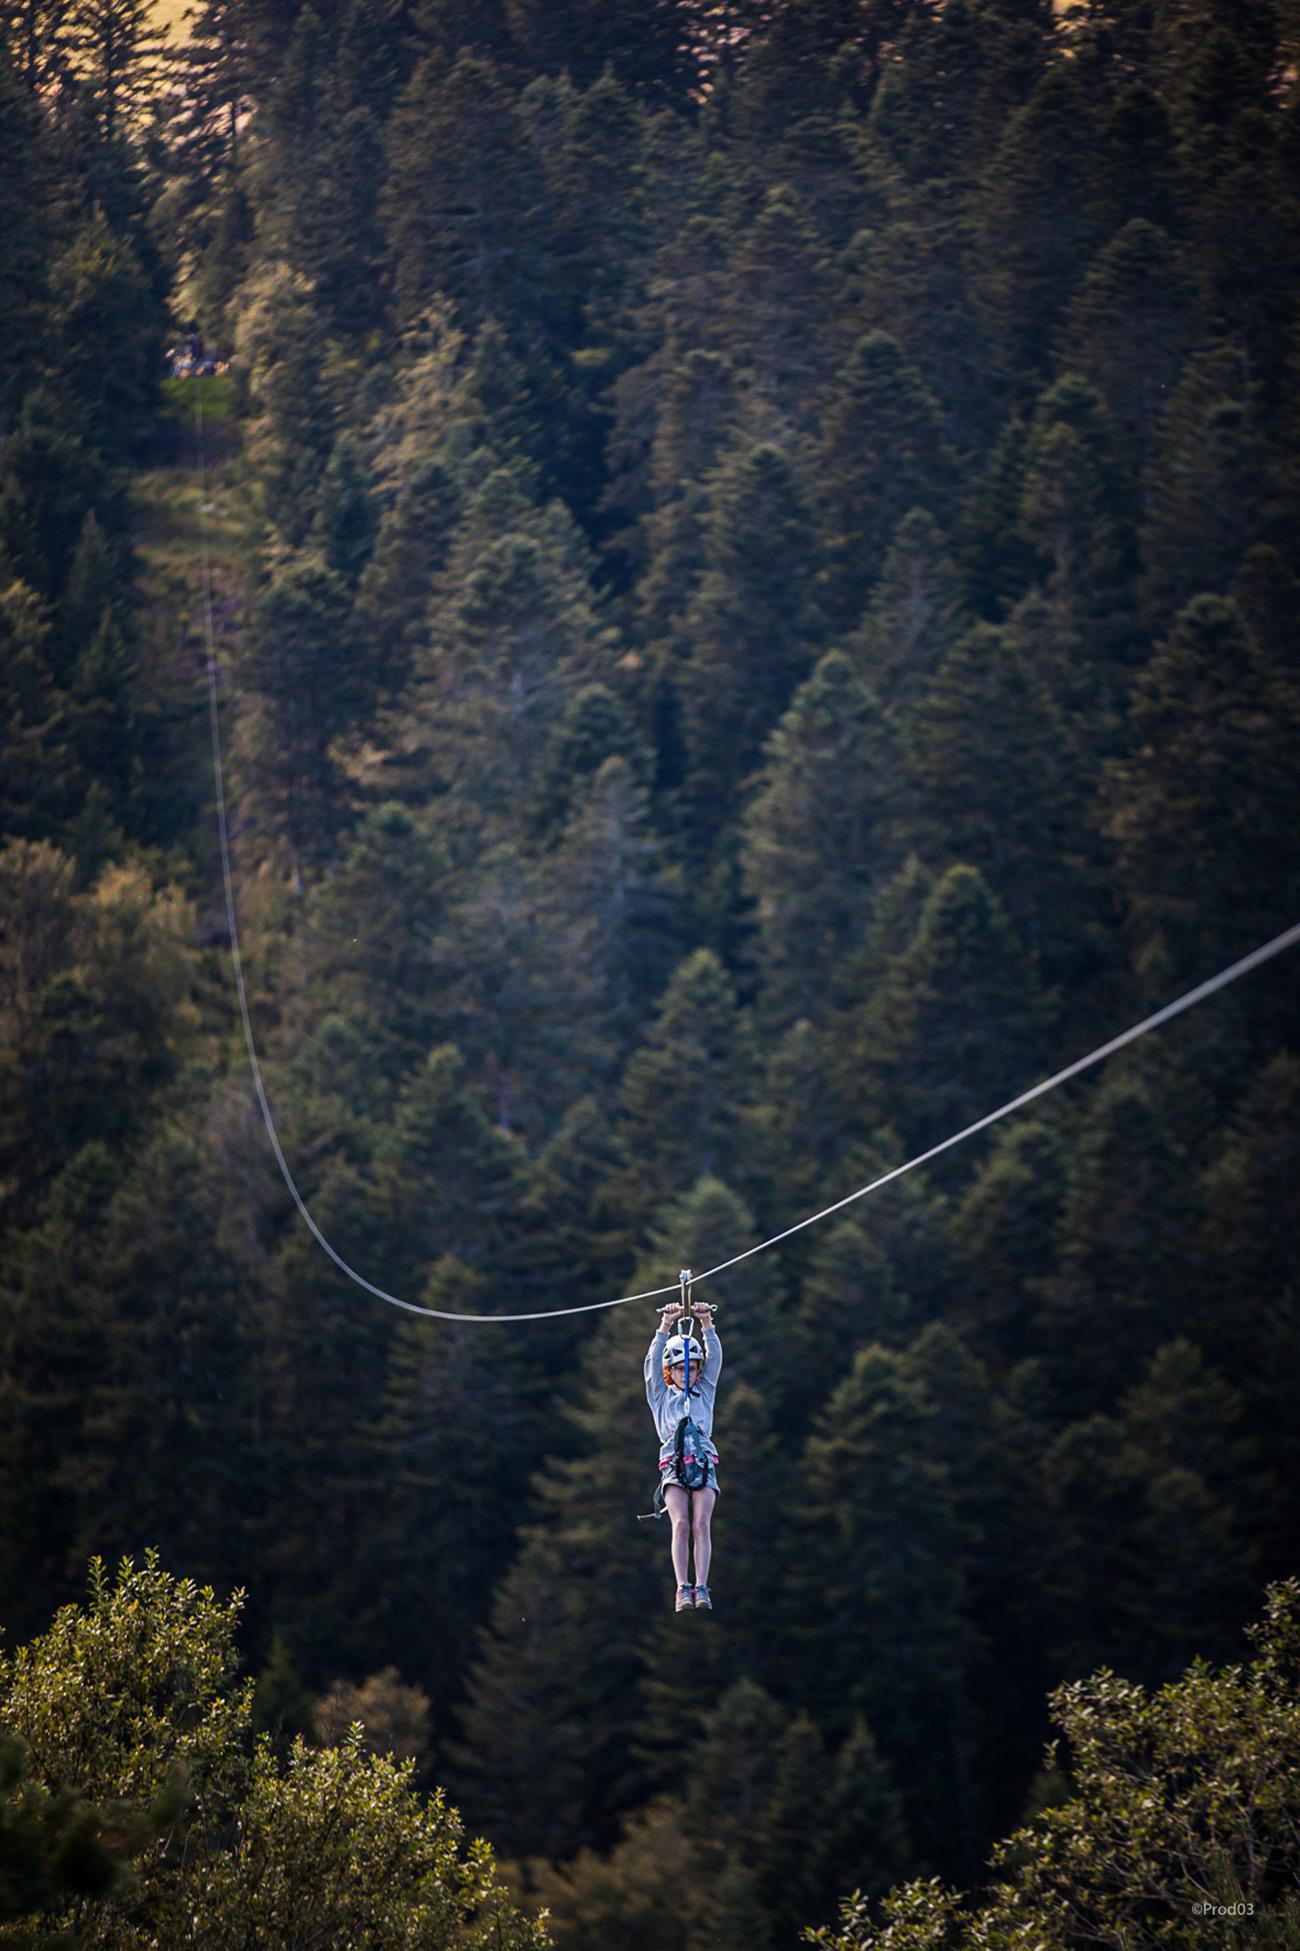 praboure parc activite montagne photo balades tyrolienne géante